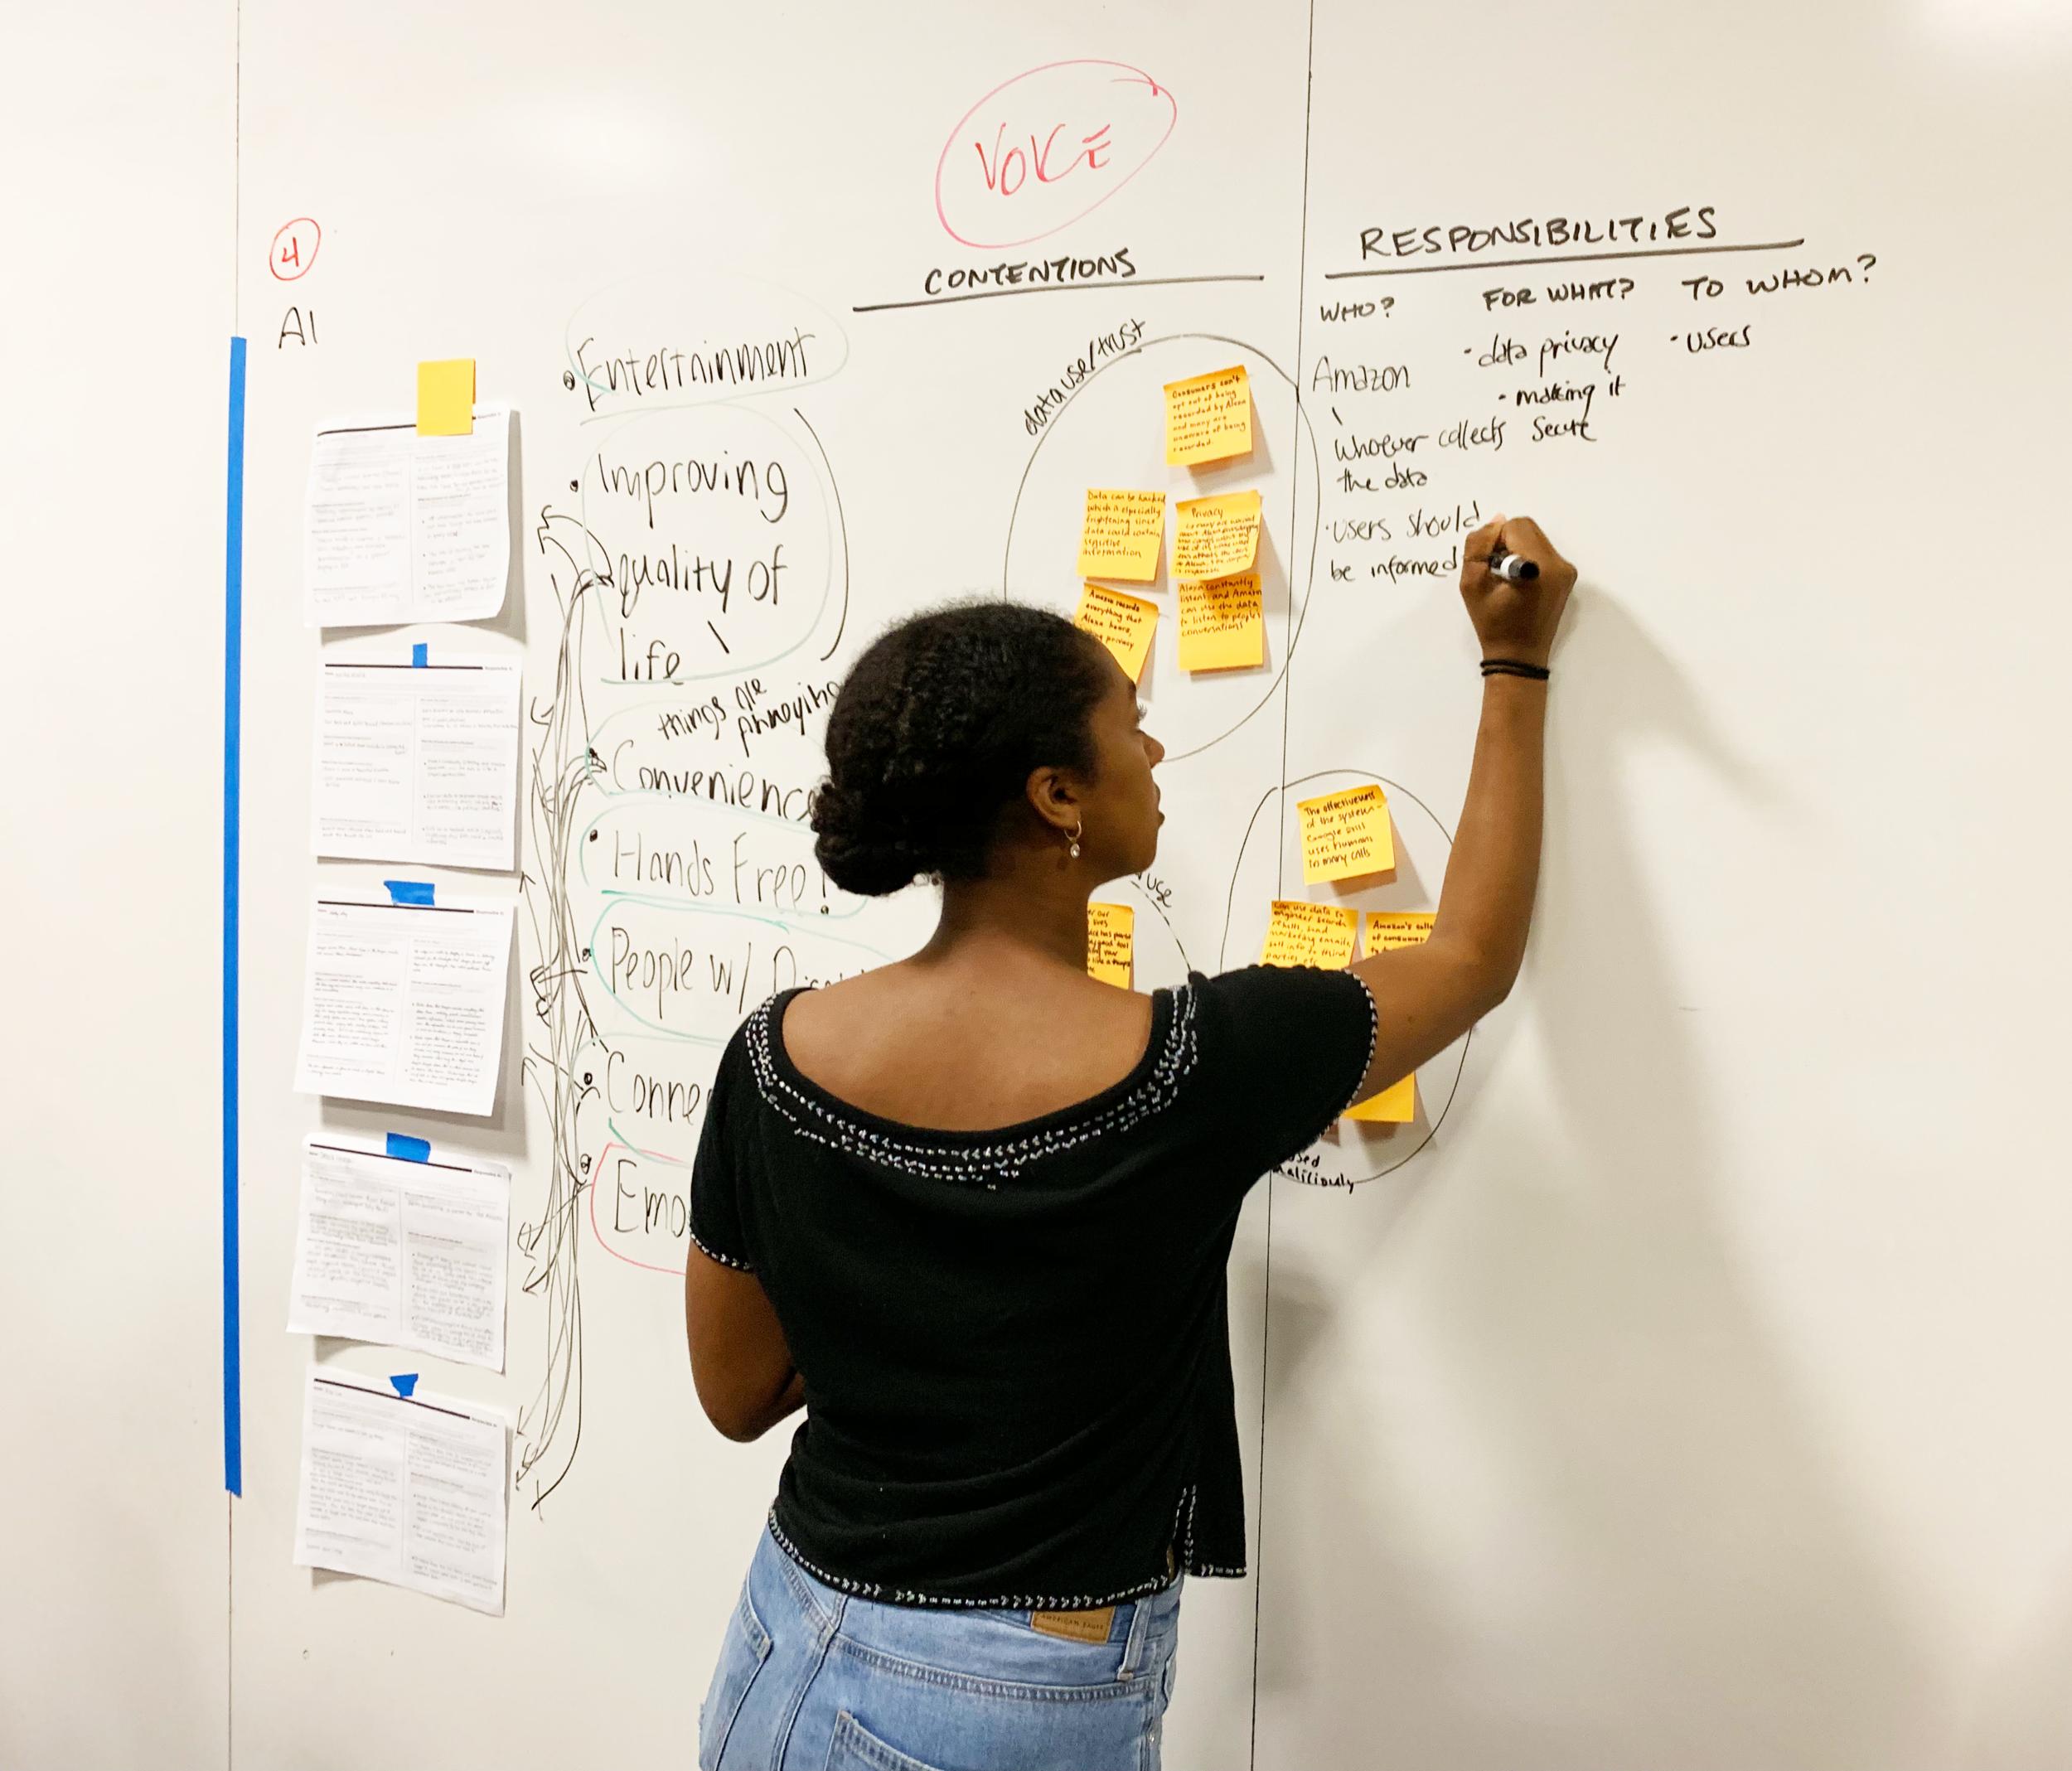 Woman writes on white board.